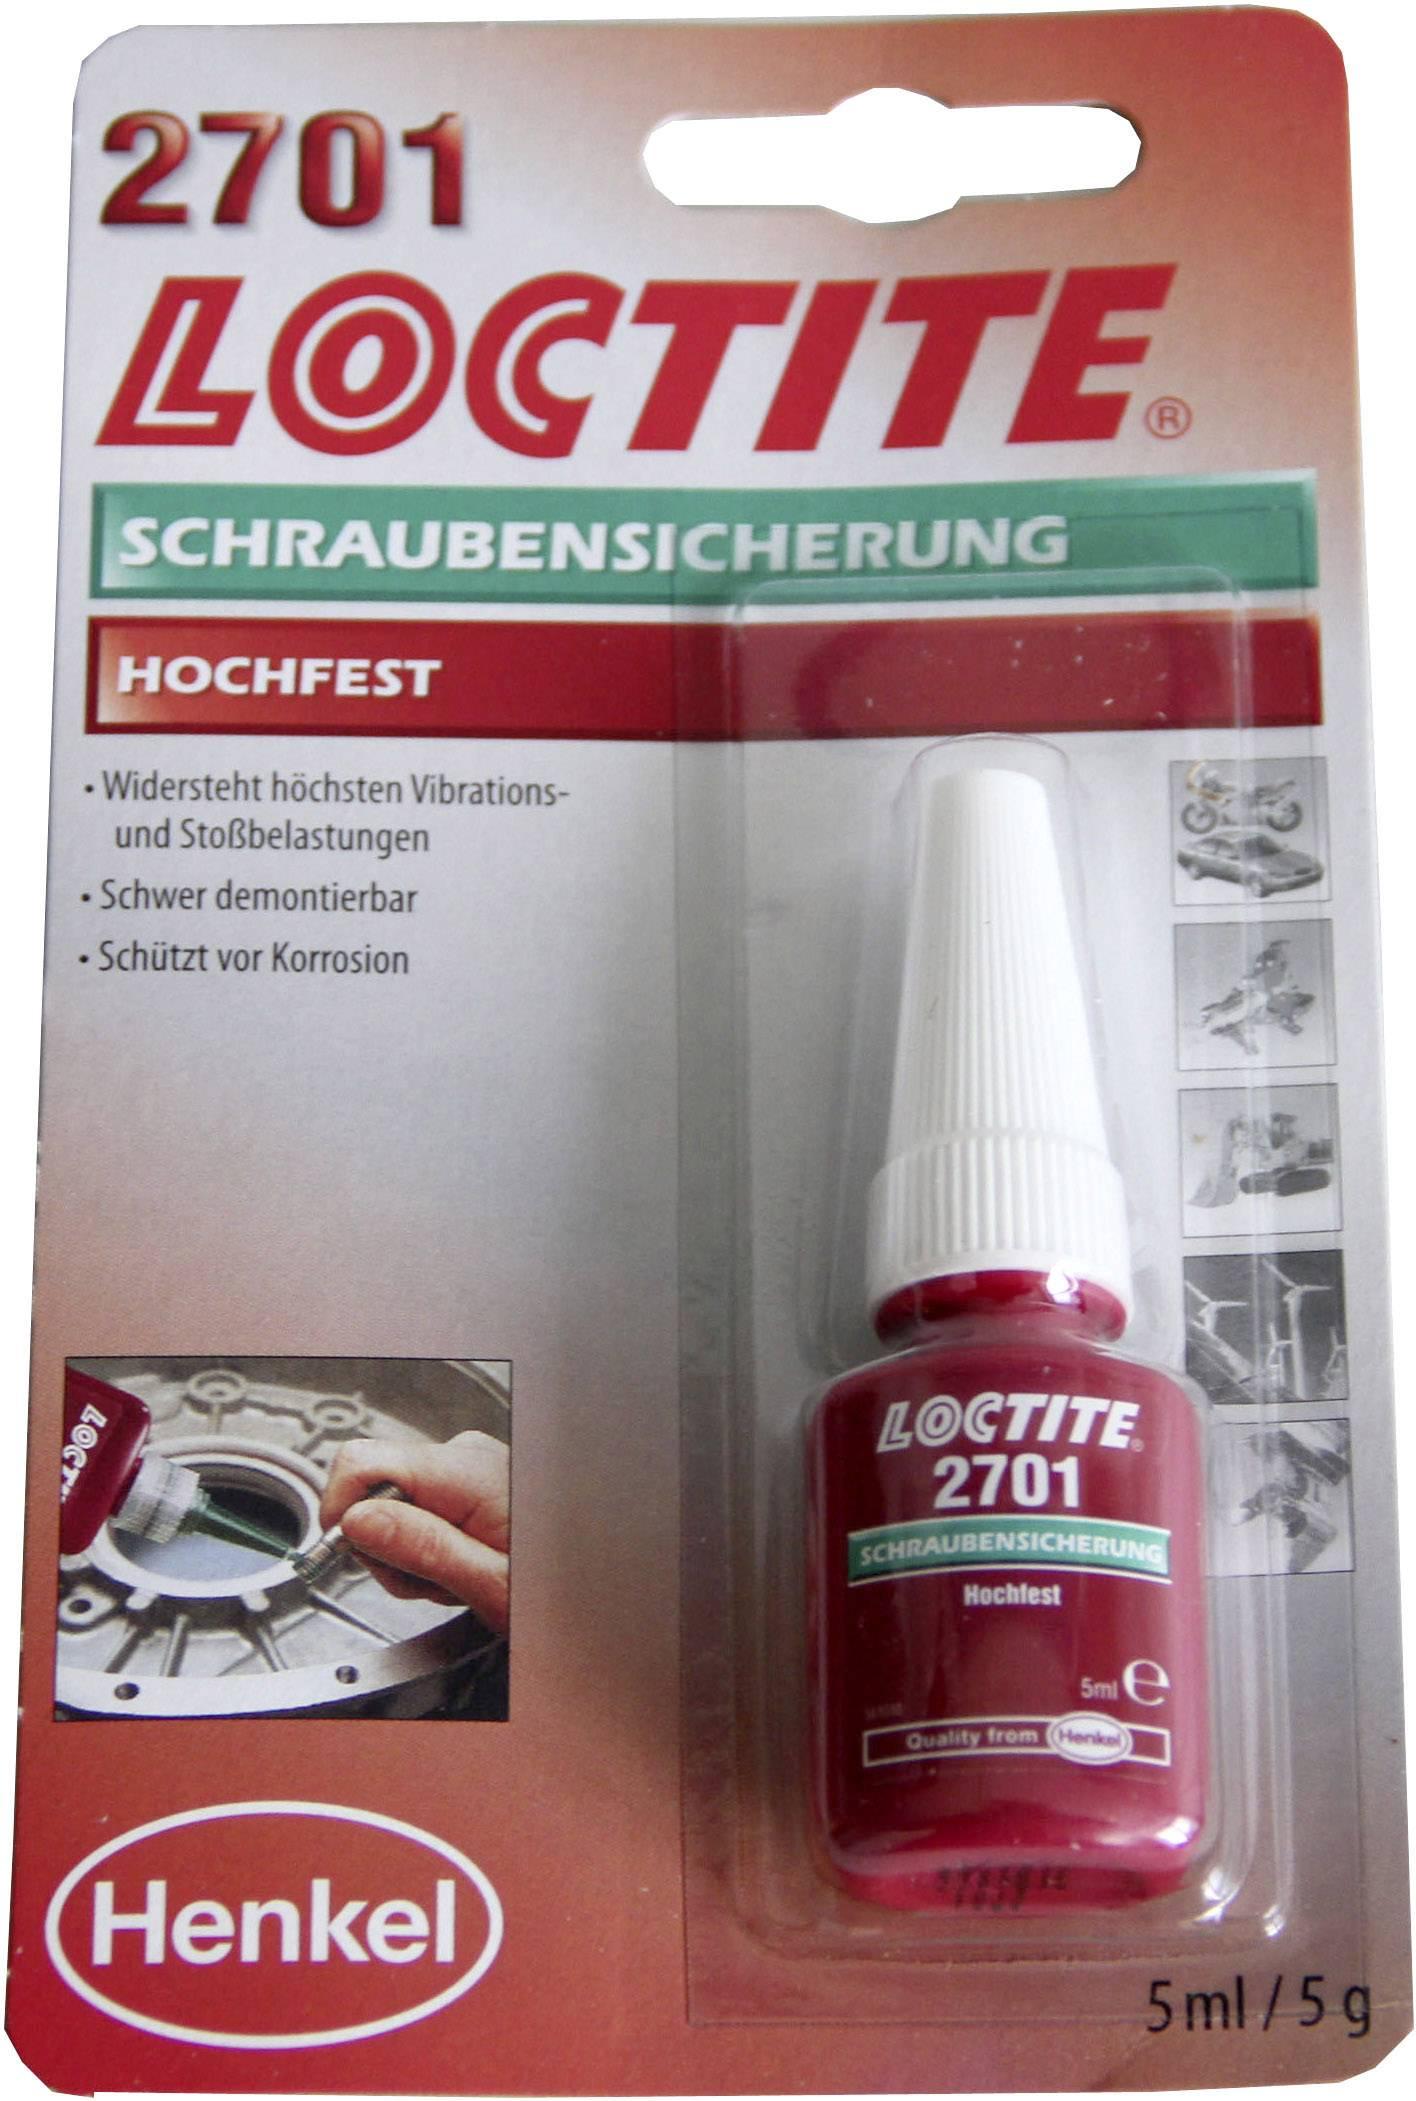 Zajištění šroubů Pevnost: vyšší 5 ml LOCTITE® 2701 195911